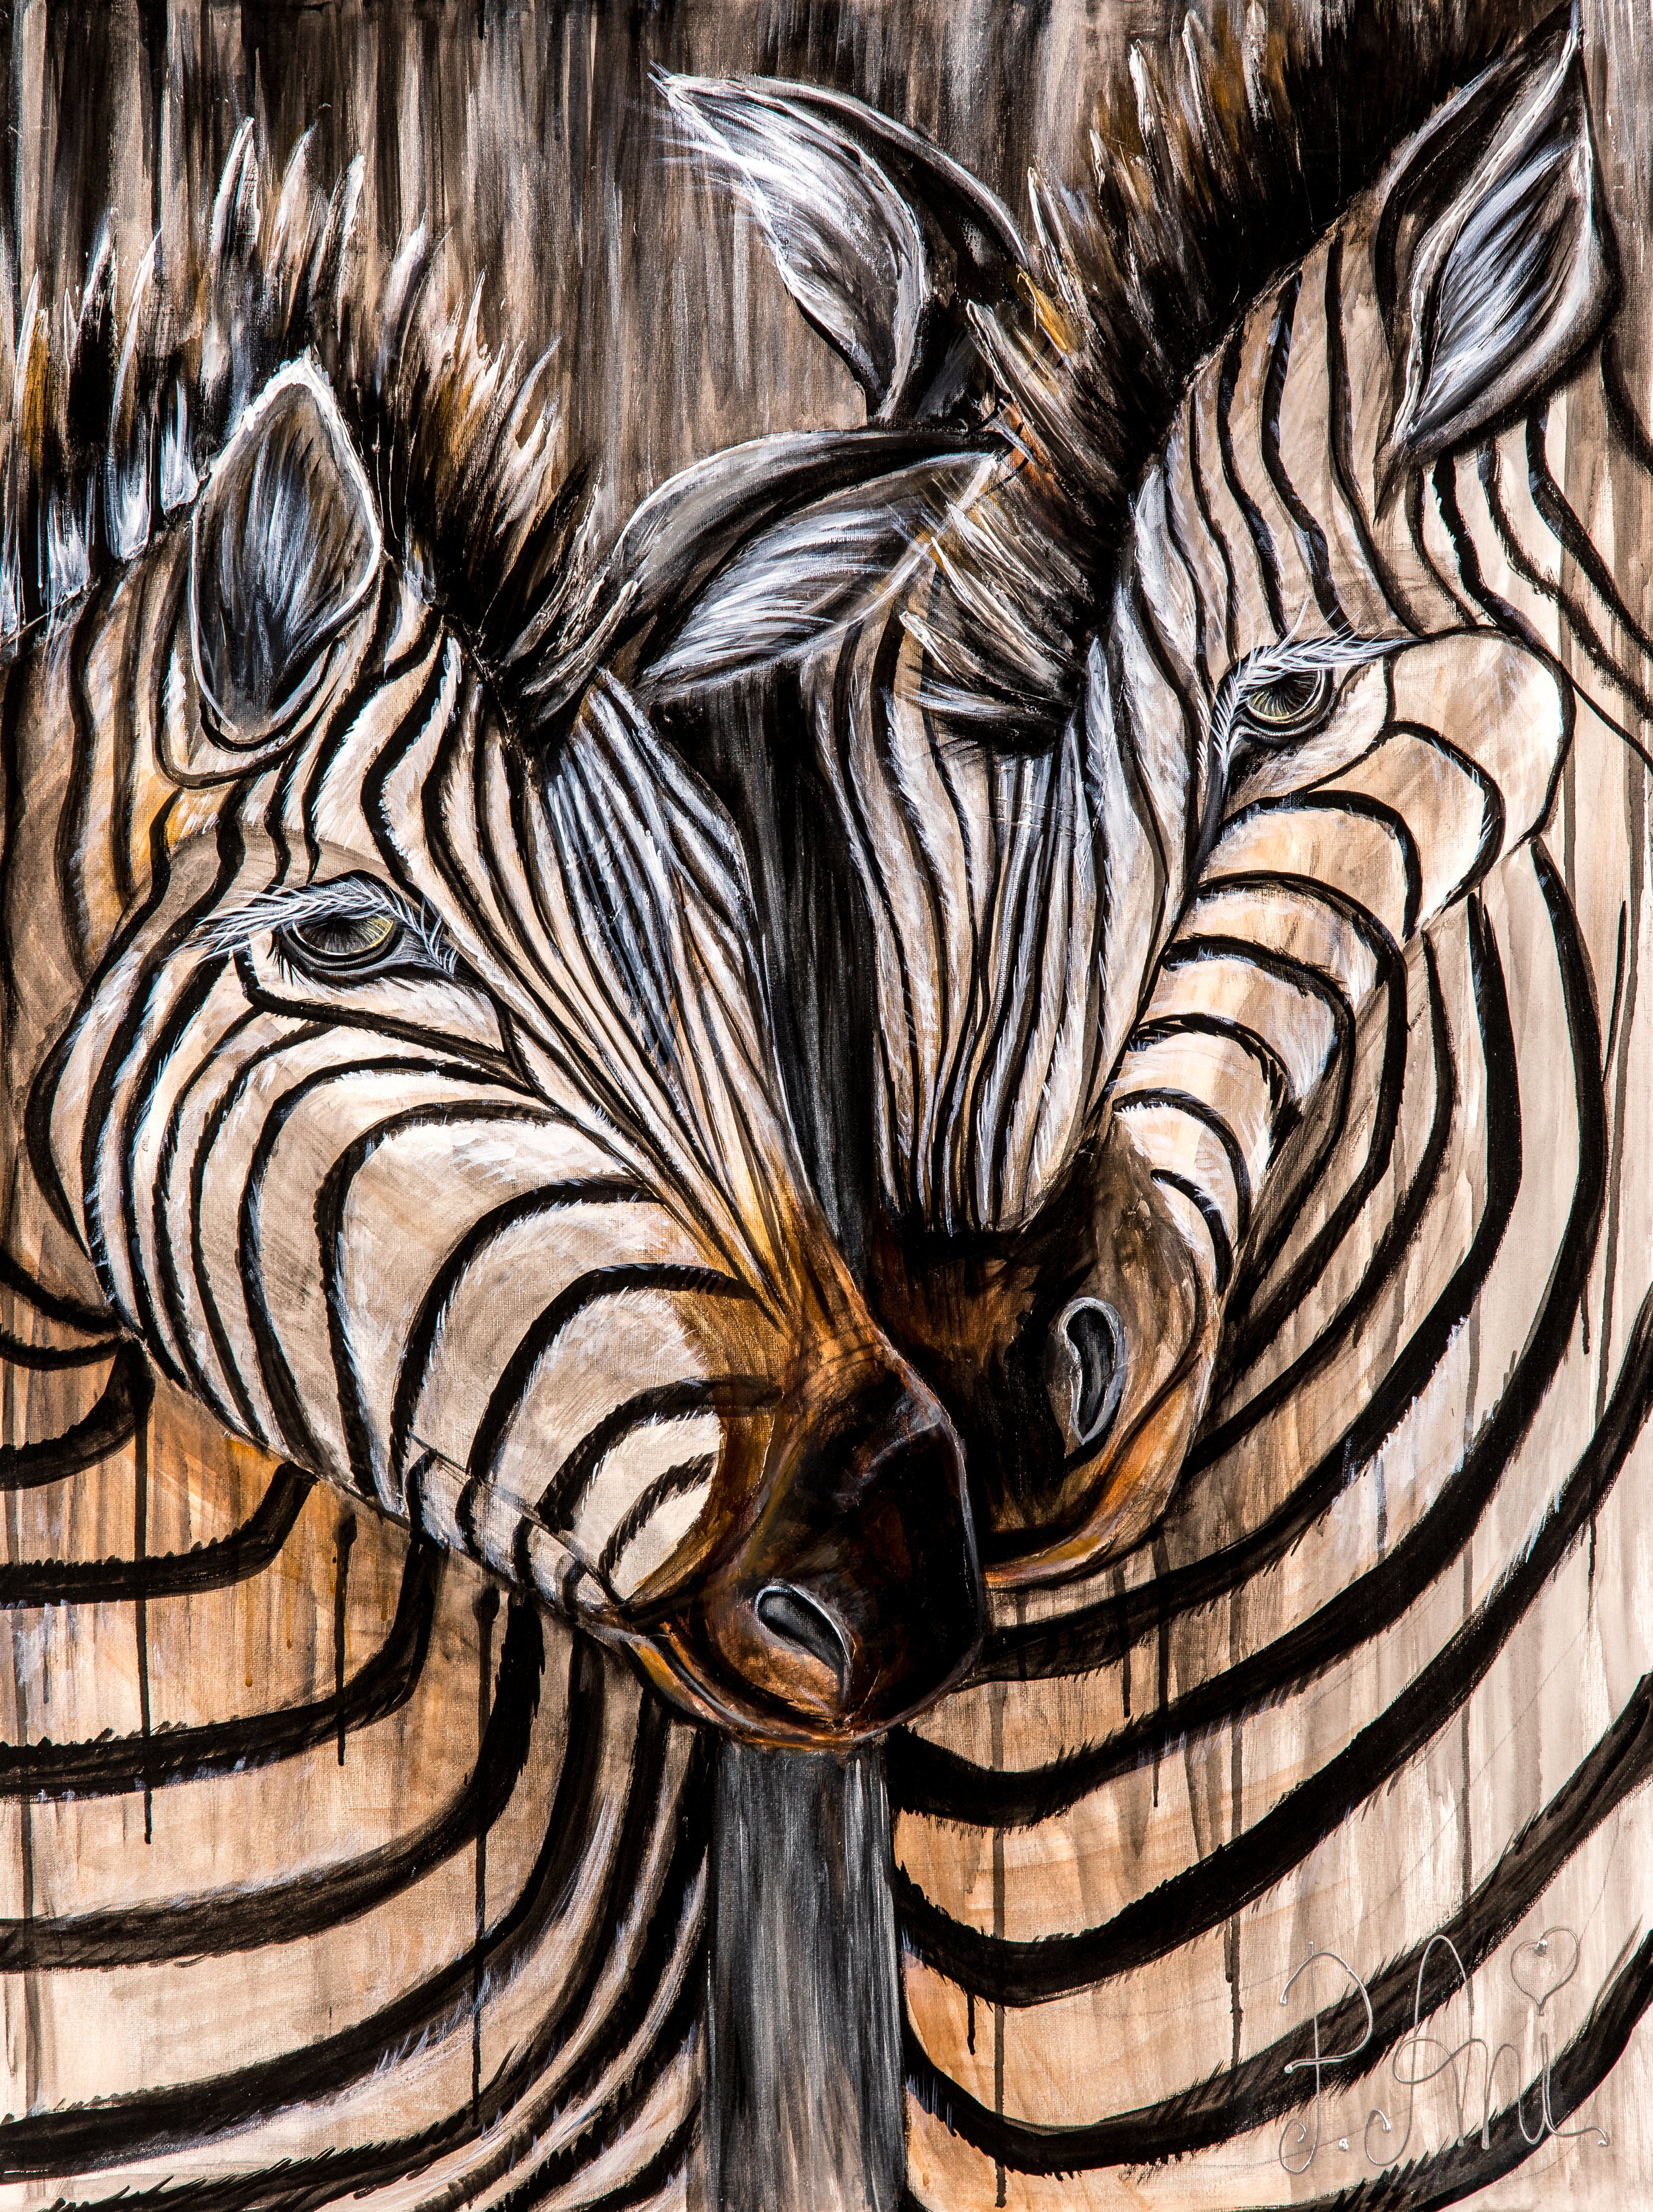 Les zèbres amoureux:  Peinture acrylique sur toile 3D, 100cm x 75cm  Prix: 250€ + frais de livraison